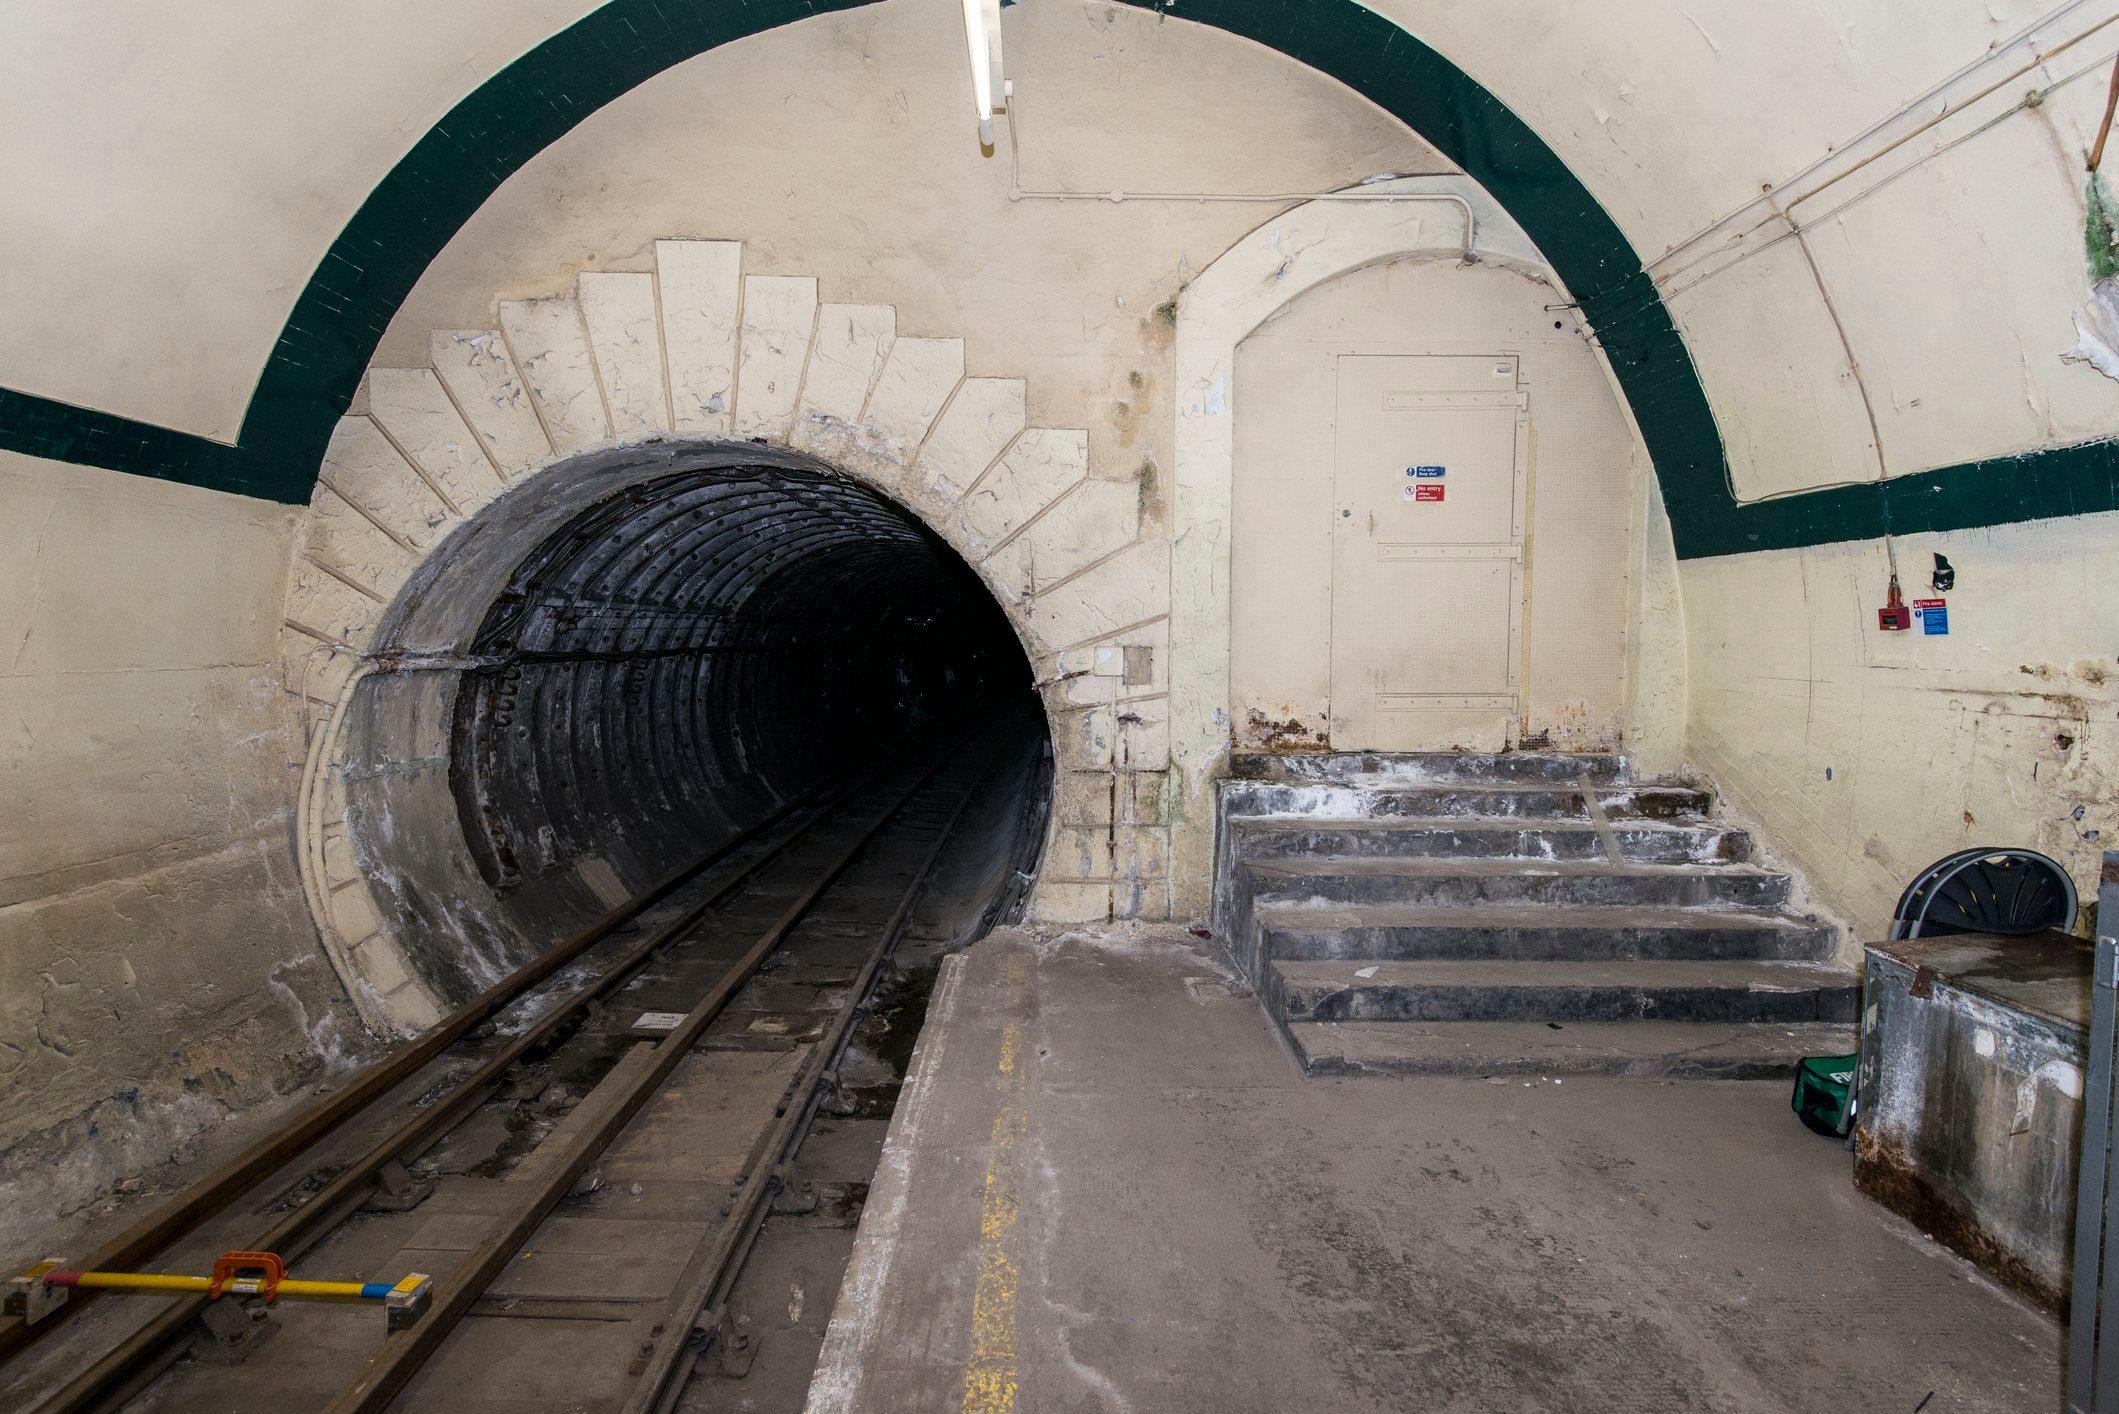 Abandoned Platform (Aldwych)